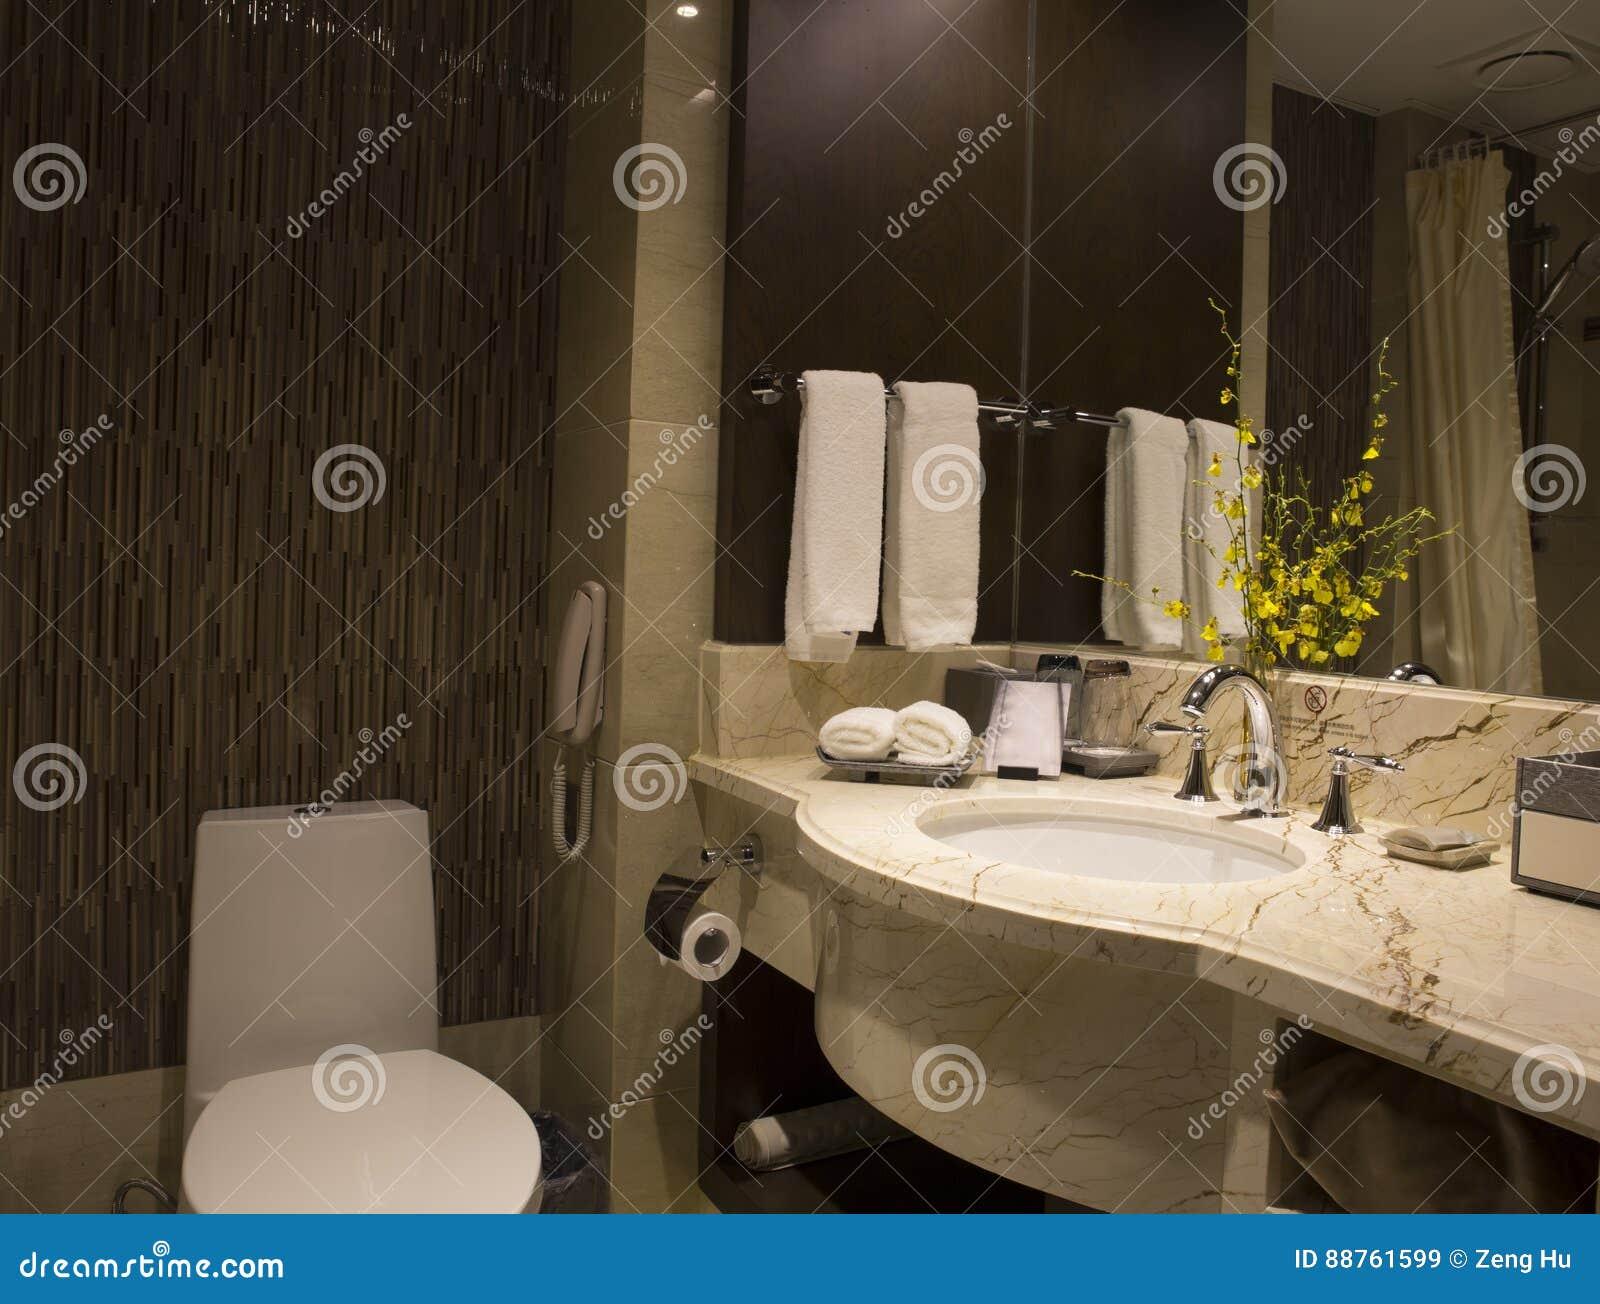 Disposizione Moderna Del Bagno Immagine Stock - Immagine di bathtubs ...